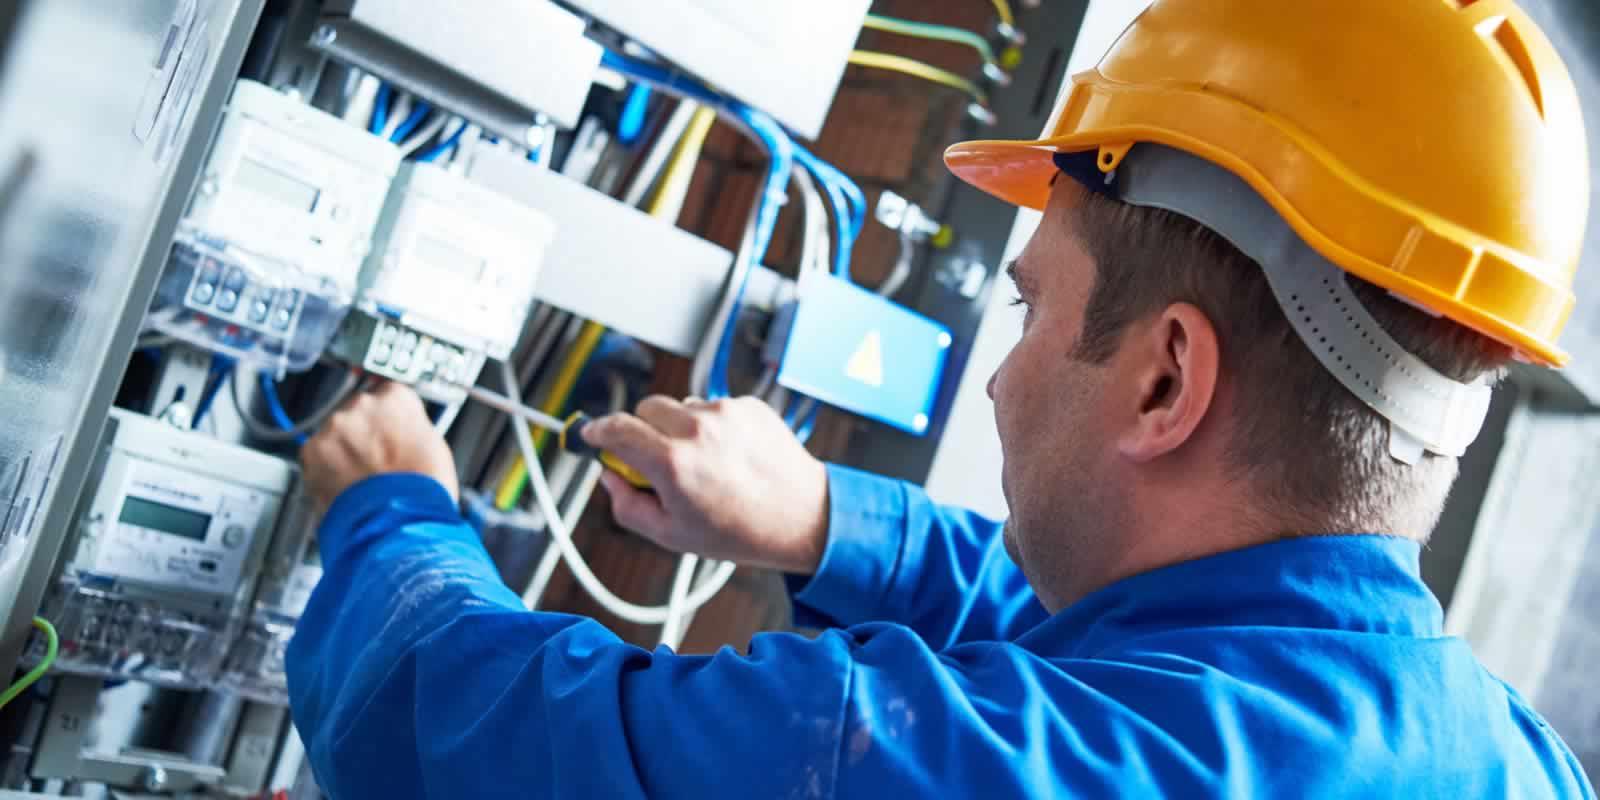 Electrical maintenance & repairs